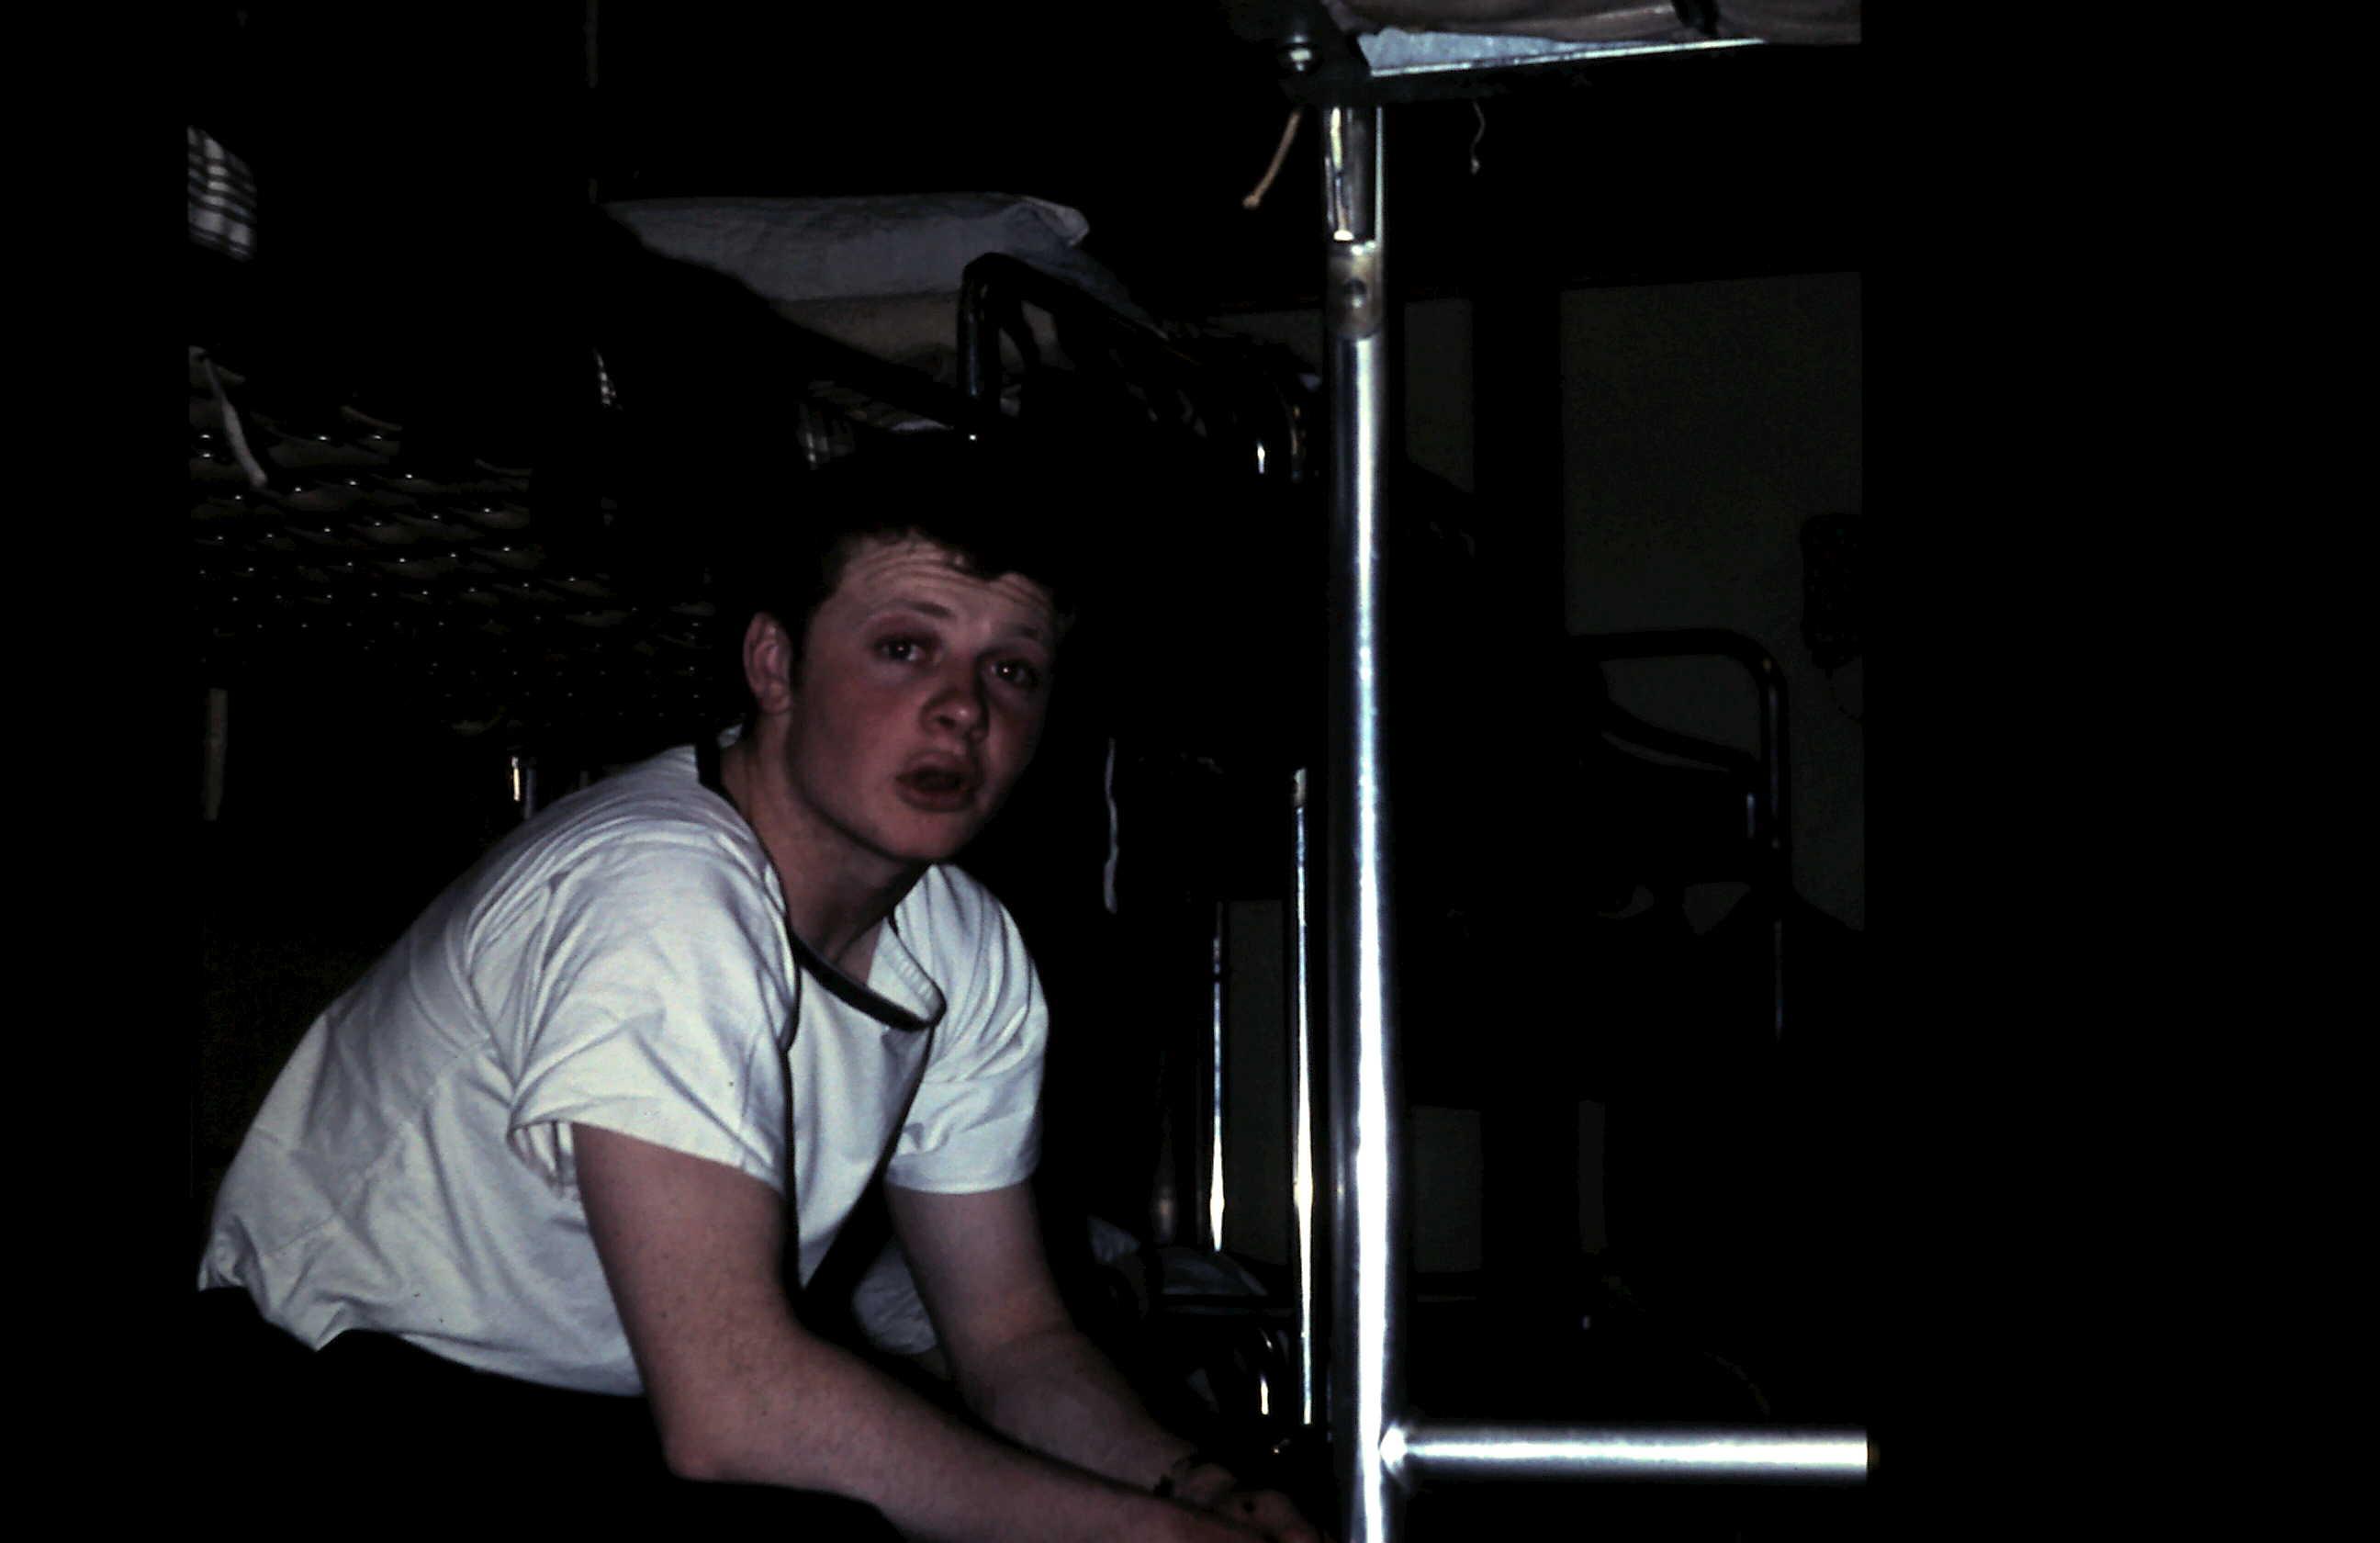 Zinnia 1971-73 (collection photos de Guy Lieutenant) - Page 14 1010290624171095837016685